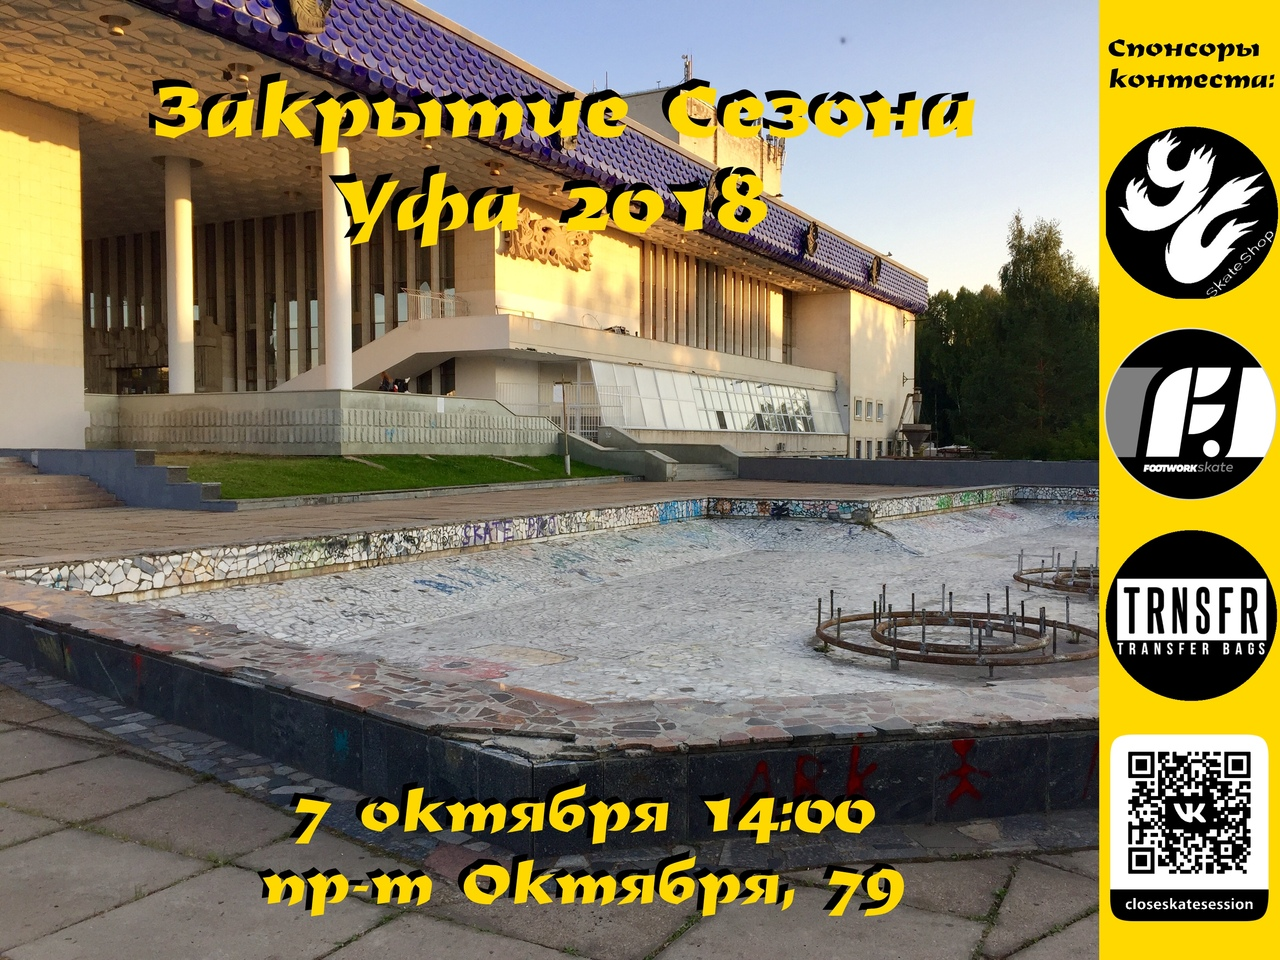 Афиша Уфа Закрытие сезона 2020 Уфа